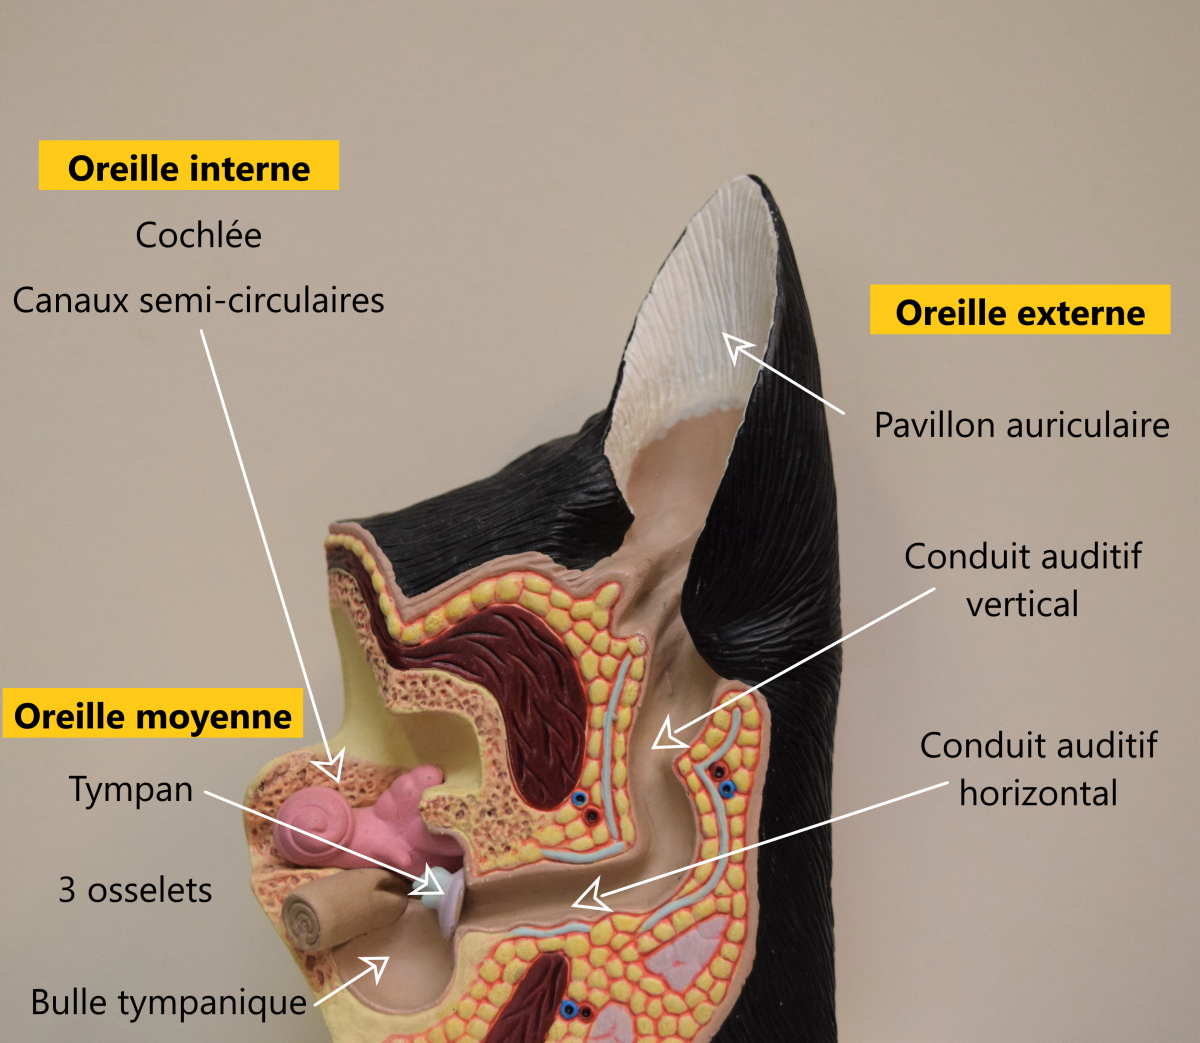 mon chien se gratte l'oreiile Image 2- Anatomie de l'oreille du chien